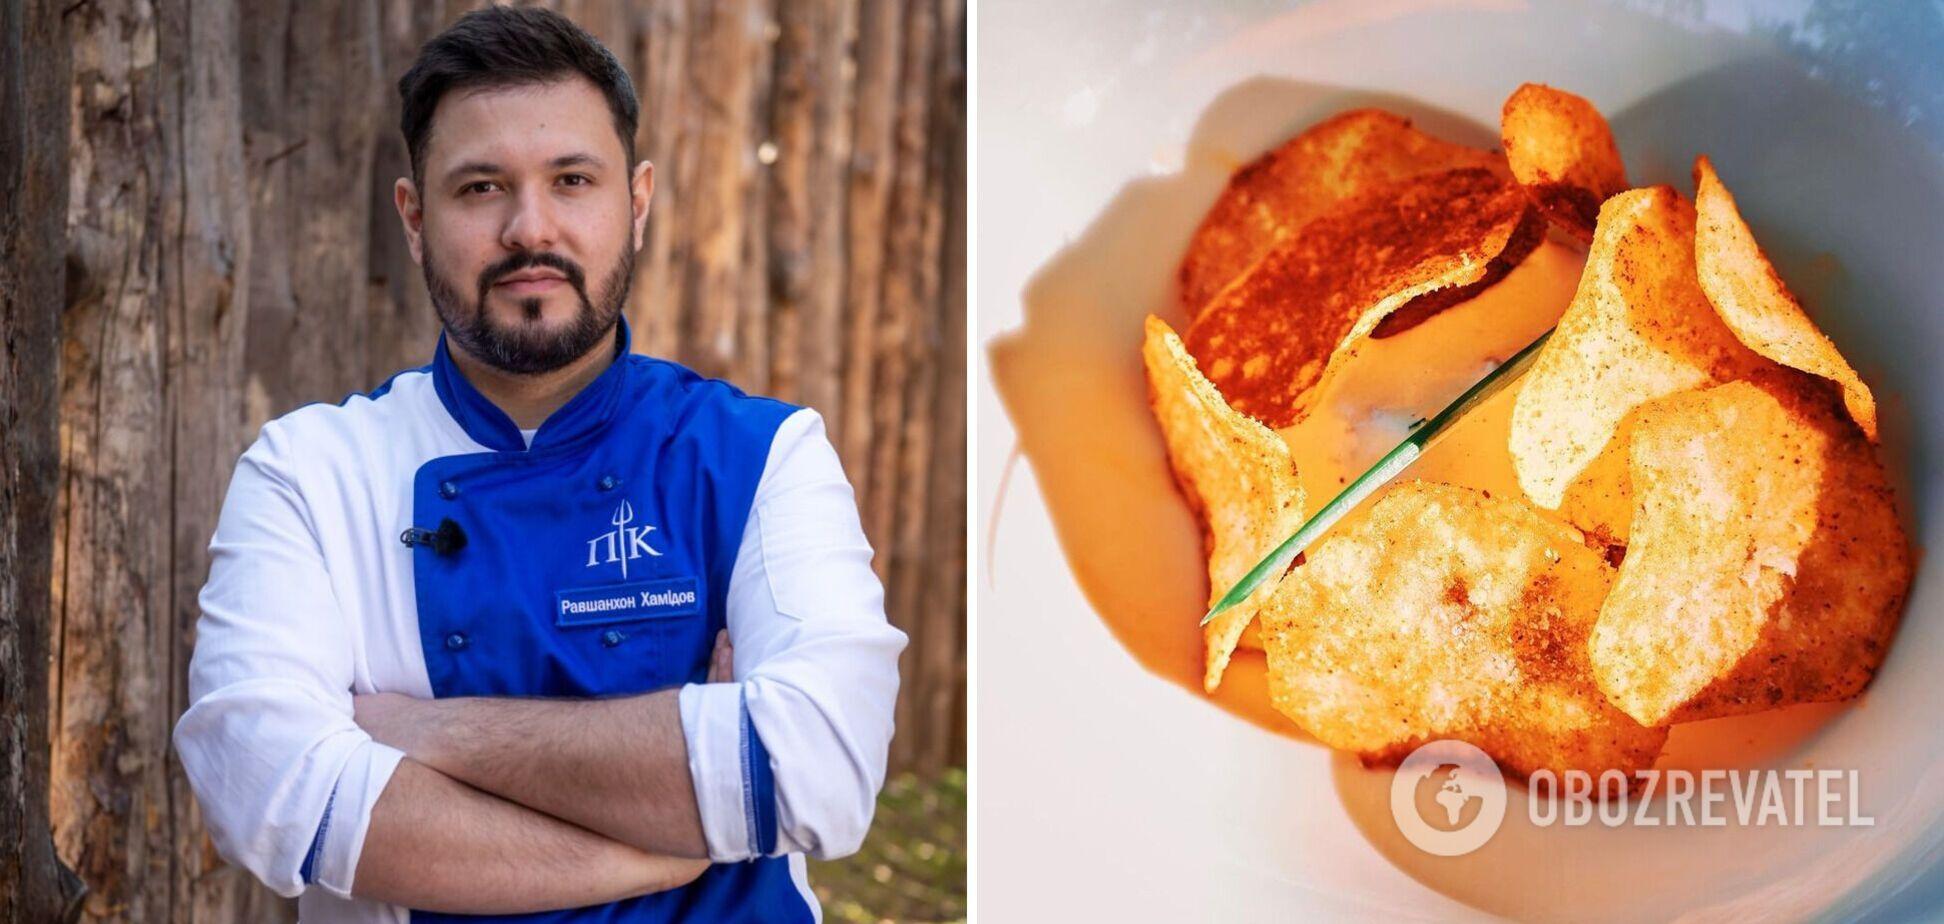 Равшан Хамидовподелился рецептом вкусного тартара из говядины